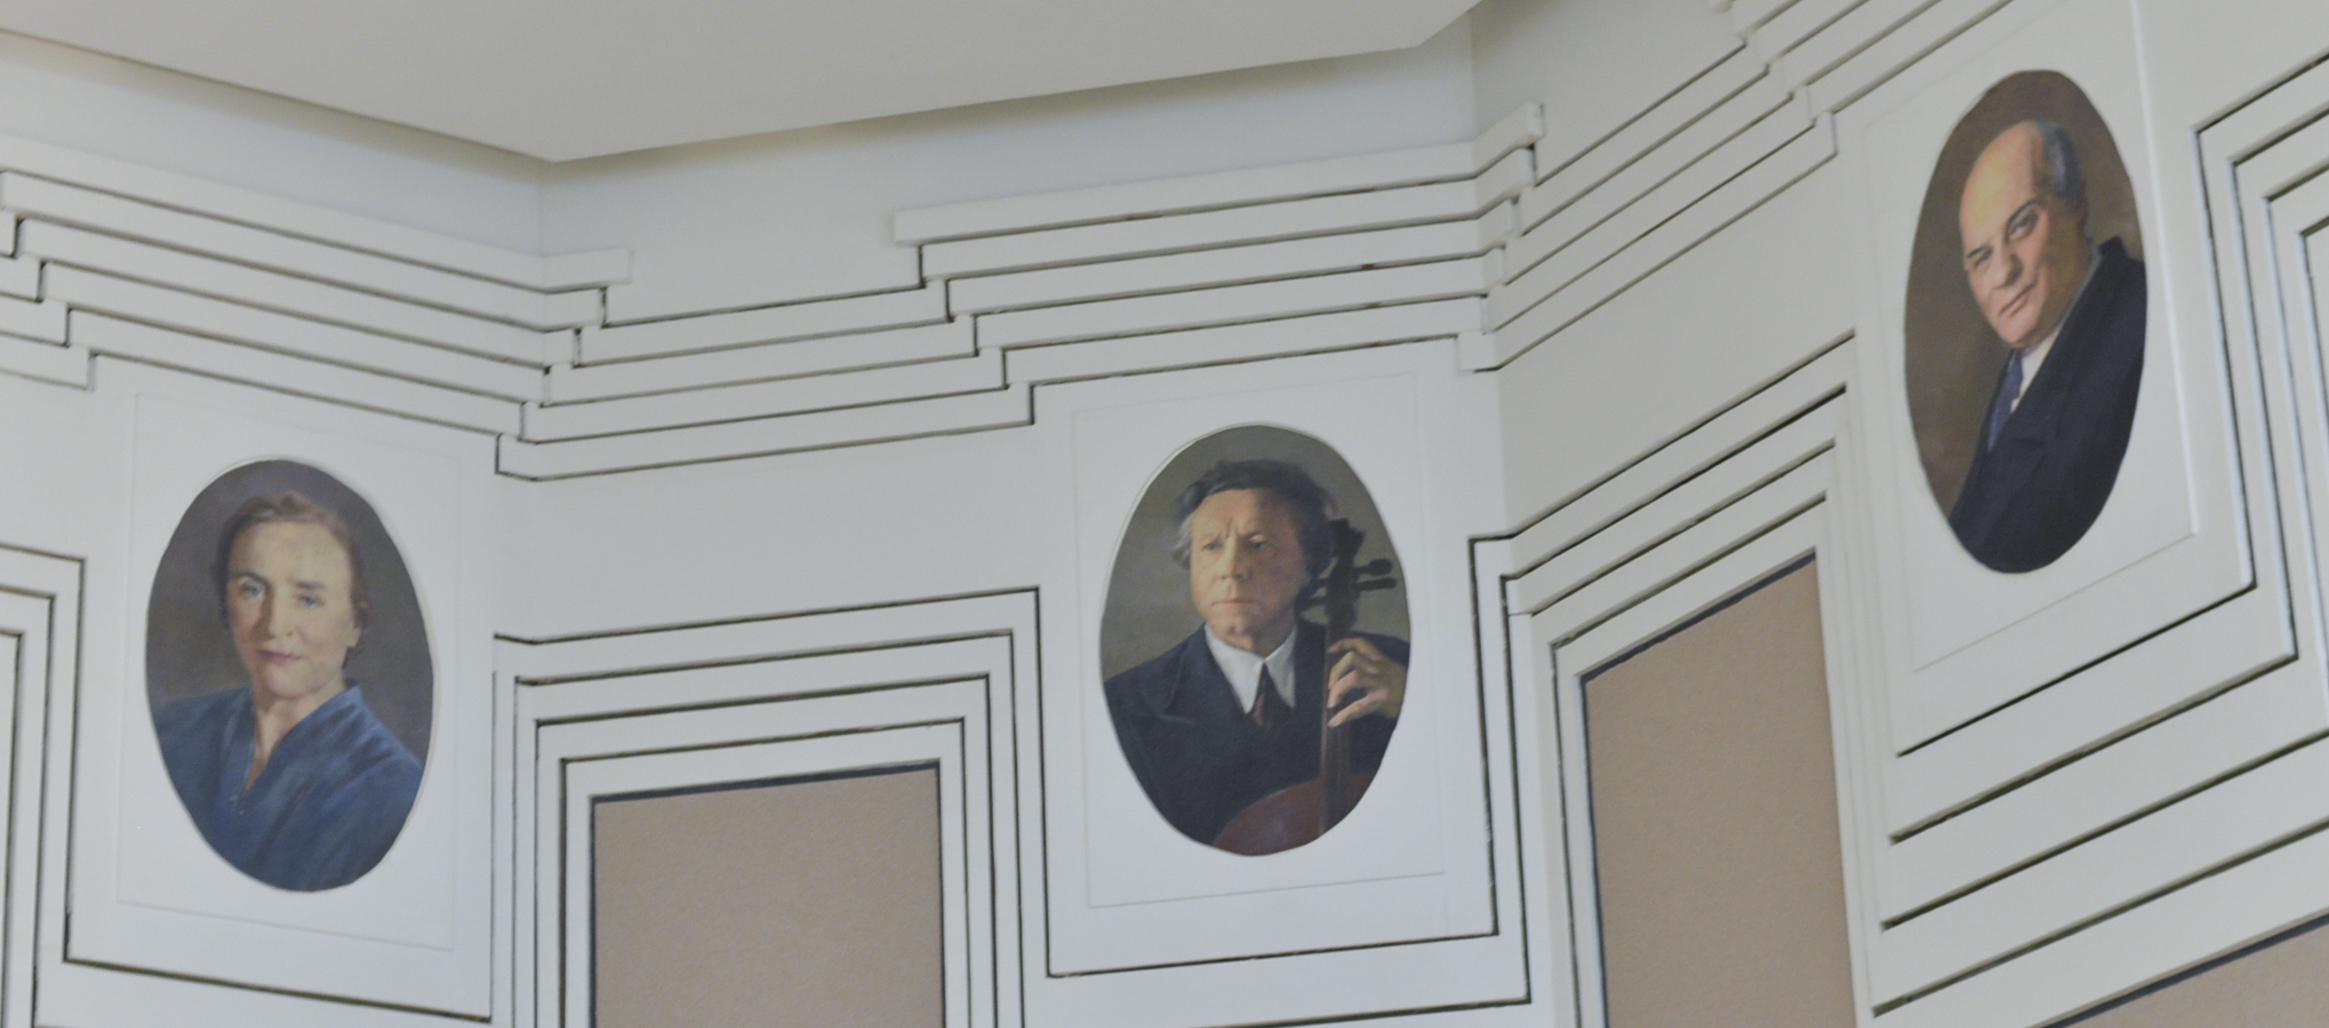 Галерея портретов музыкантов в концертном зале «Центральной музыкальной школы» – события на сайте «Московские Сезоны»